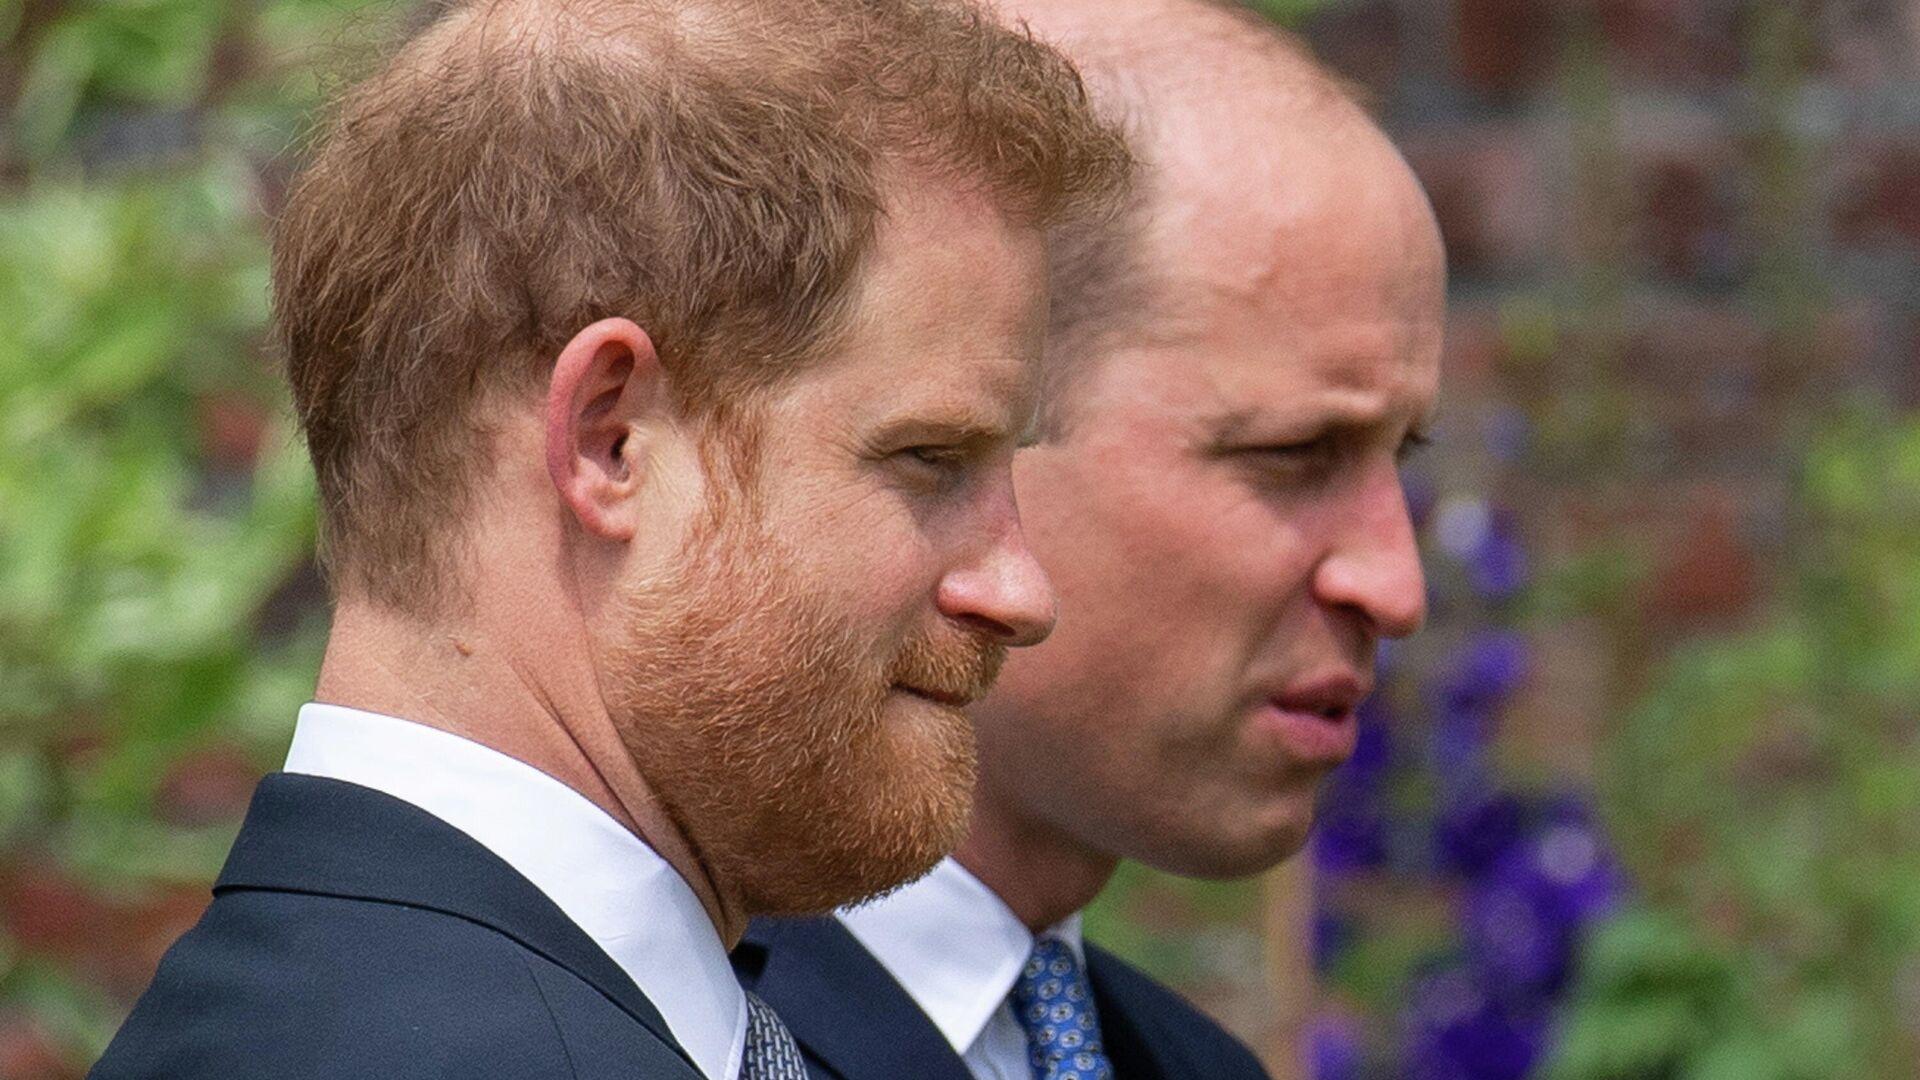 Los hermanos Harry y William, príncipes del Reino Unido - Sputnik Mundo, 1920, 04.07.2021